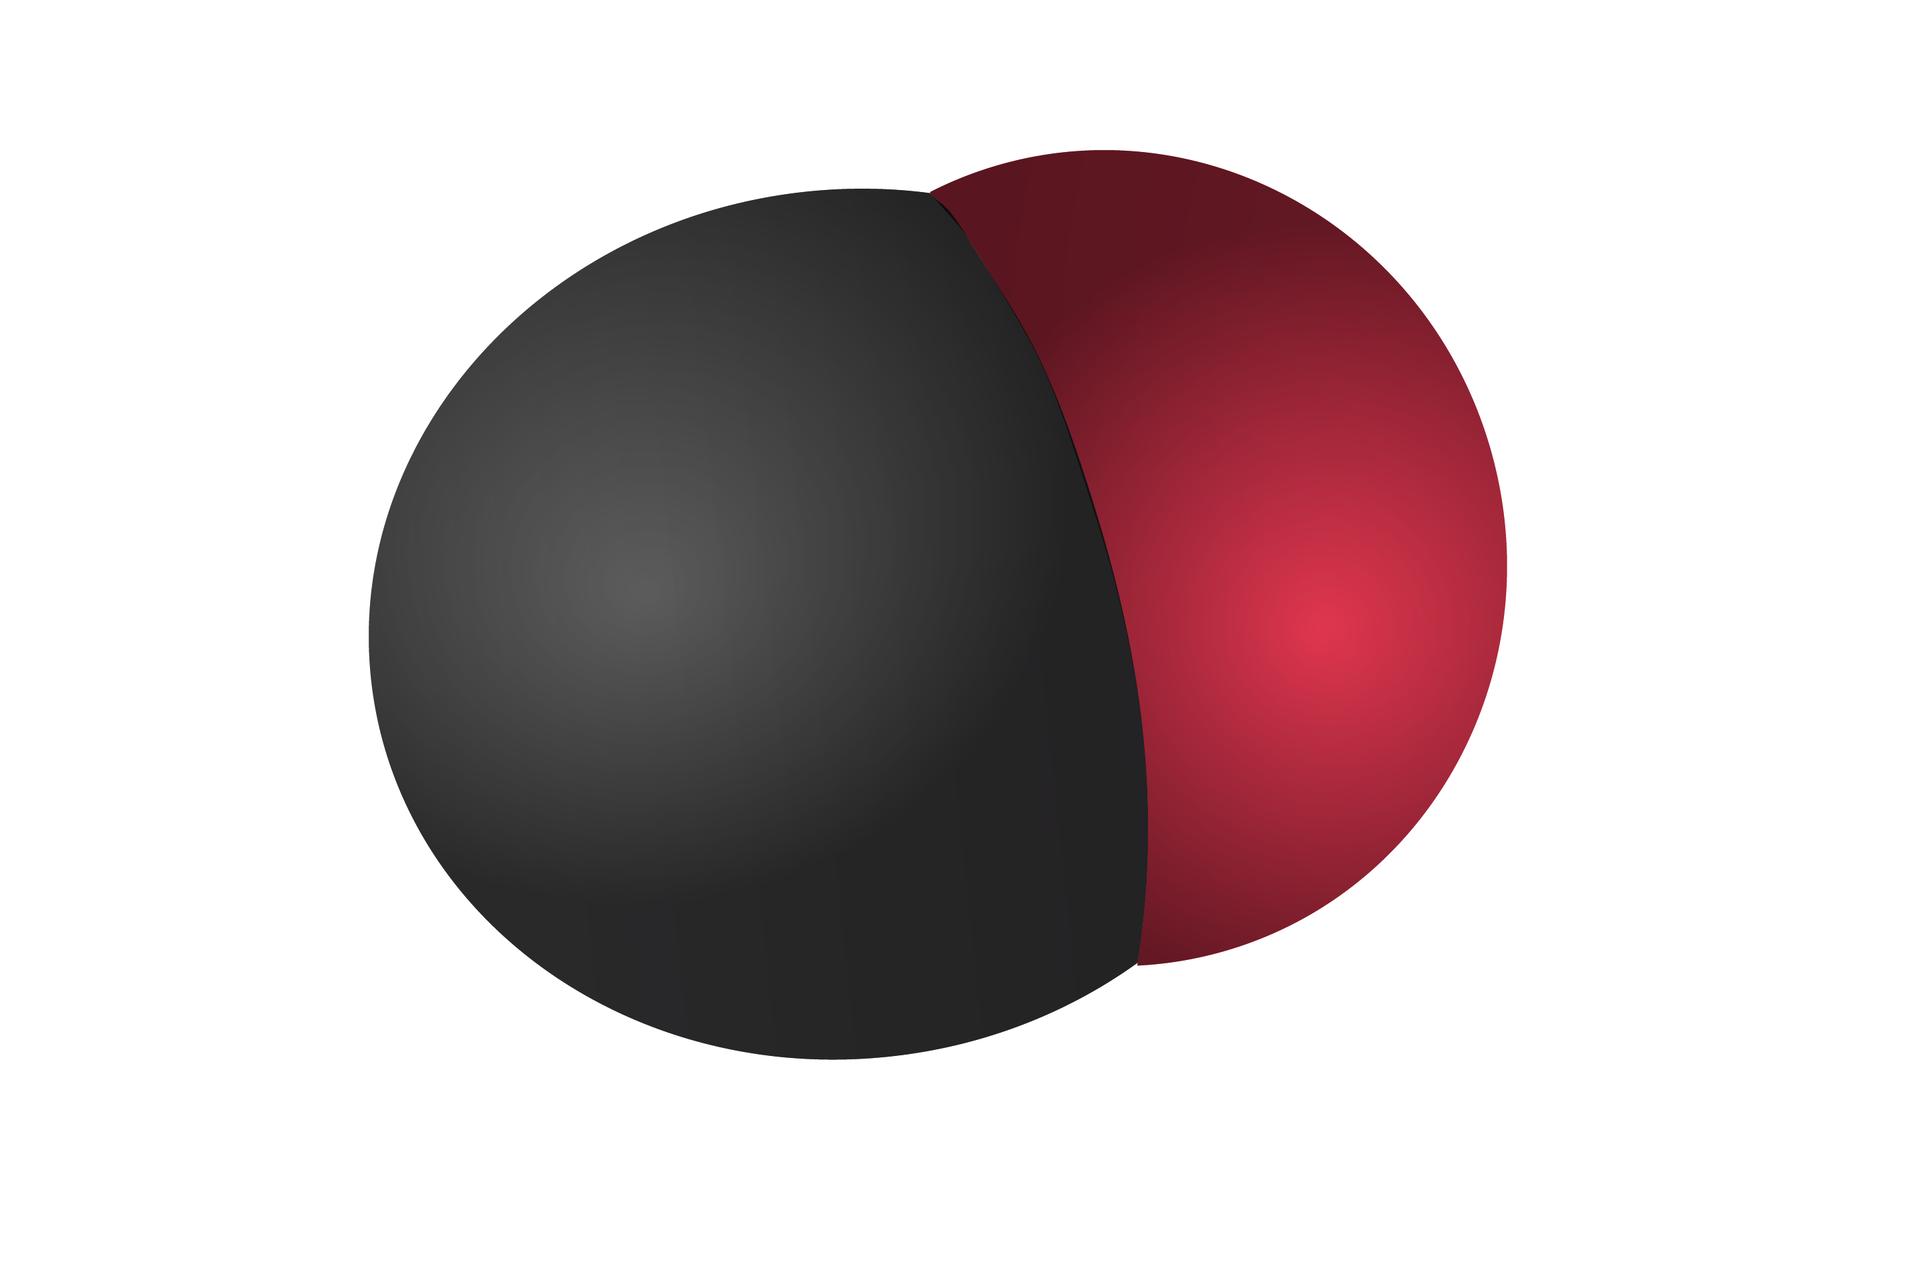 Trzecie zdjęcie (w drugim rzędzie) to cząsteczka tlenku węgla. Cząsteczka to dwie kule przylegające mocno do siebie. Lewa kula czarna, prawa kula czerwona.